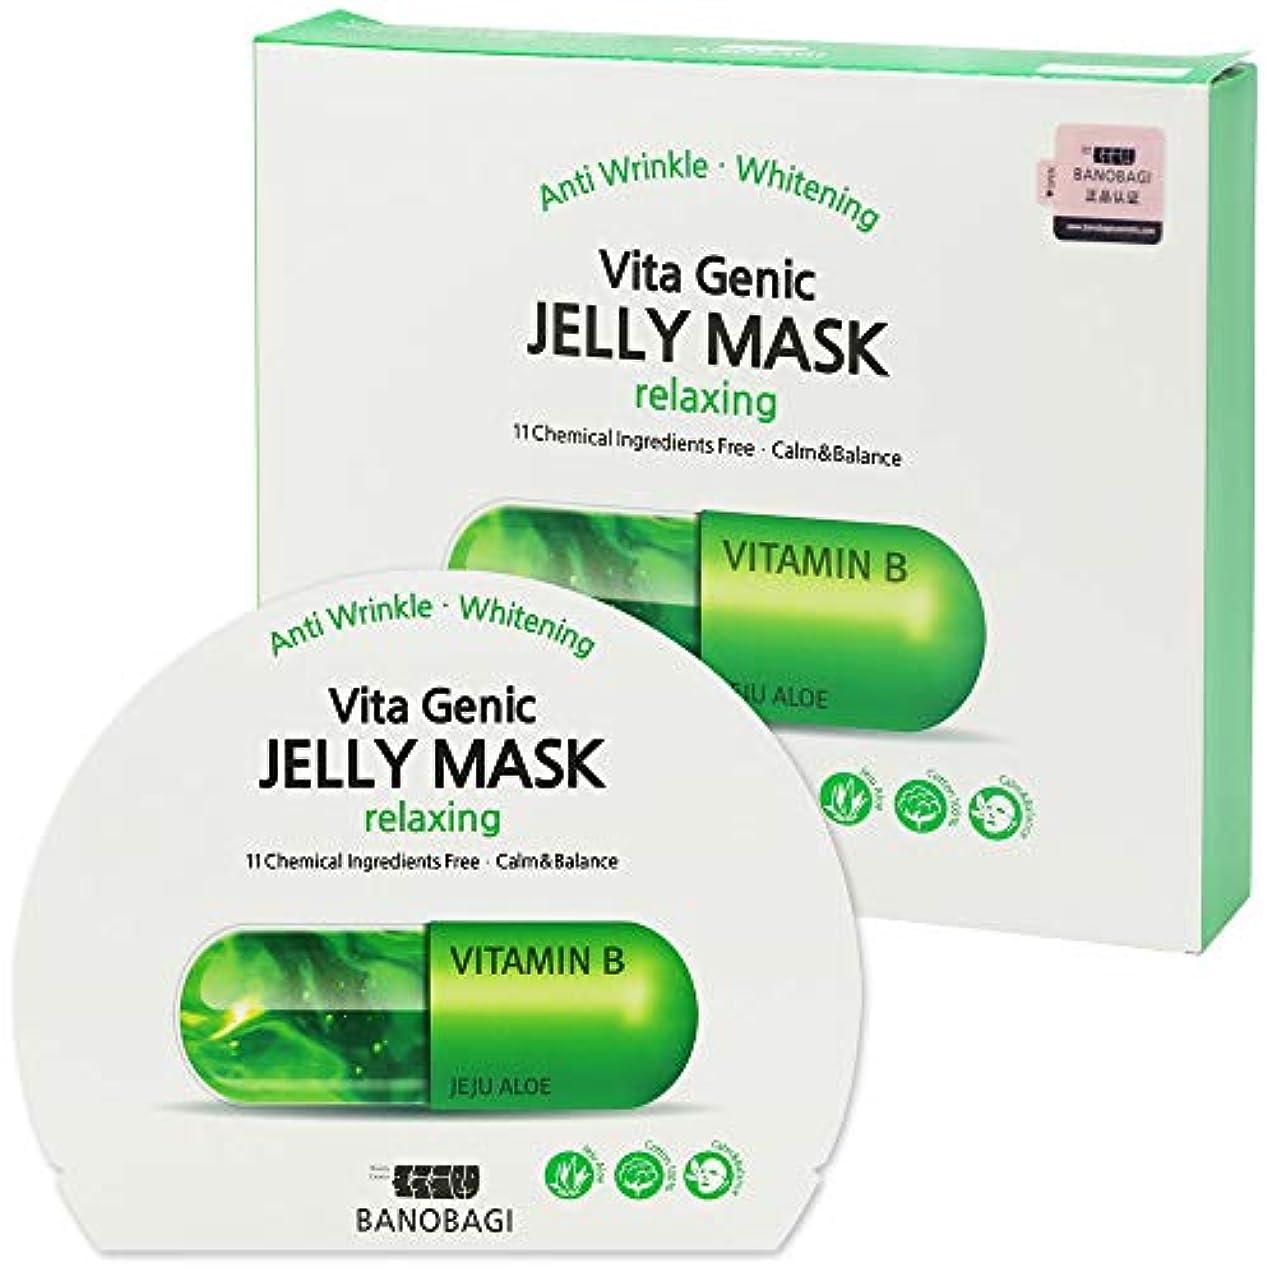 アロング谷平行バナバギ[BANOBAGI] ヴィータジェニックゼリーマスク★リラックス(緑)30mlx10P / Vita Genic Jelly Mask (Relaxing-Green)